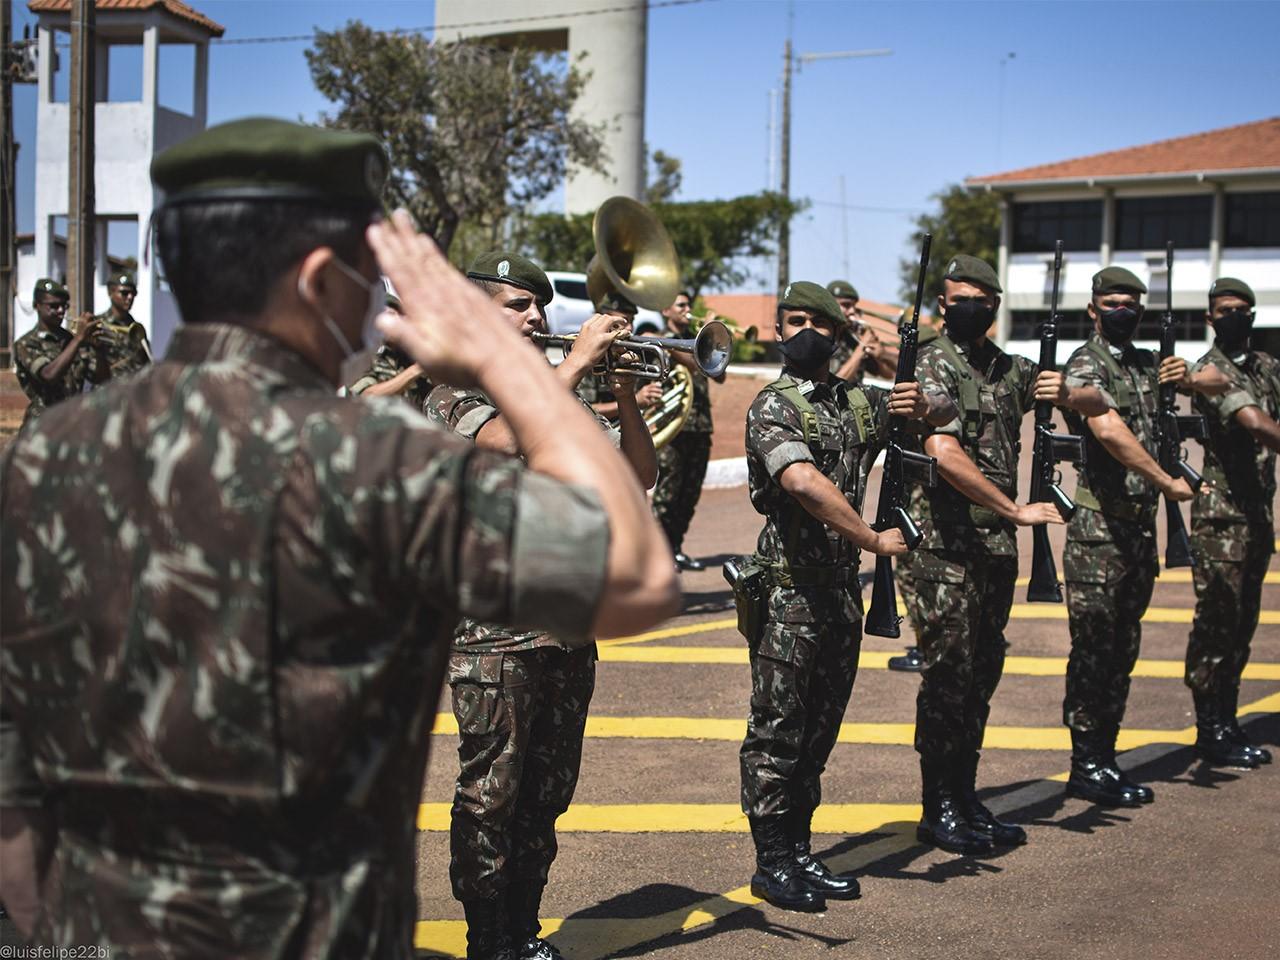 General se despede do serviço ativo do Exército em solenidade realizada no 22º Batalhão de Infantaria em Palmas